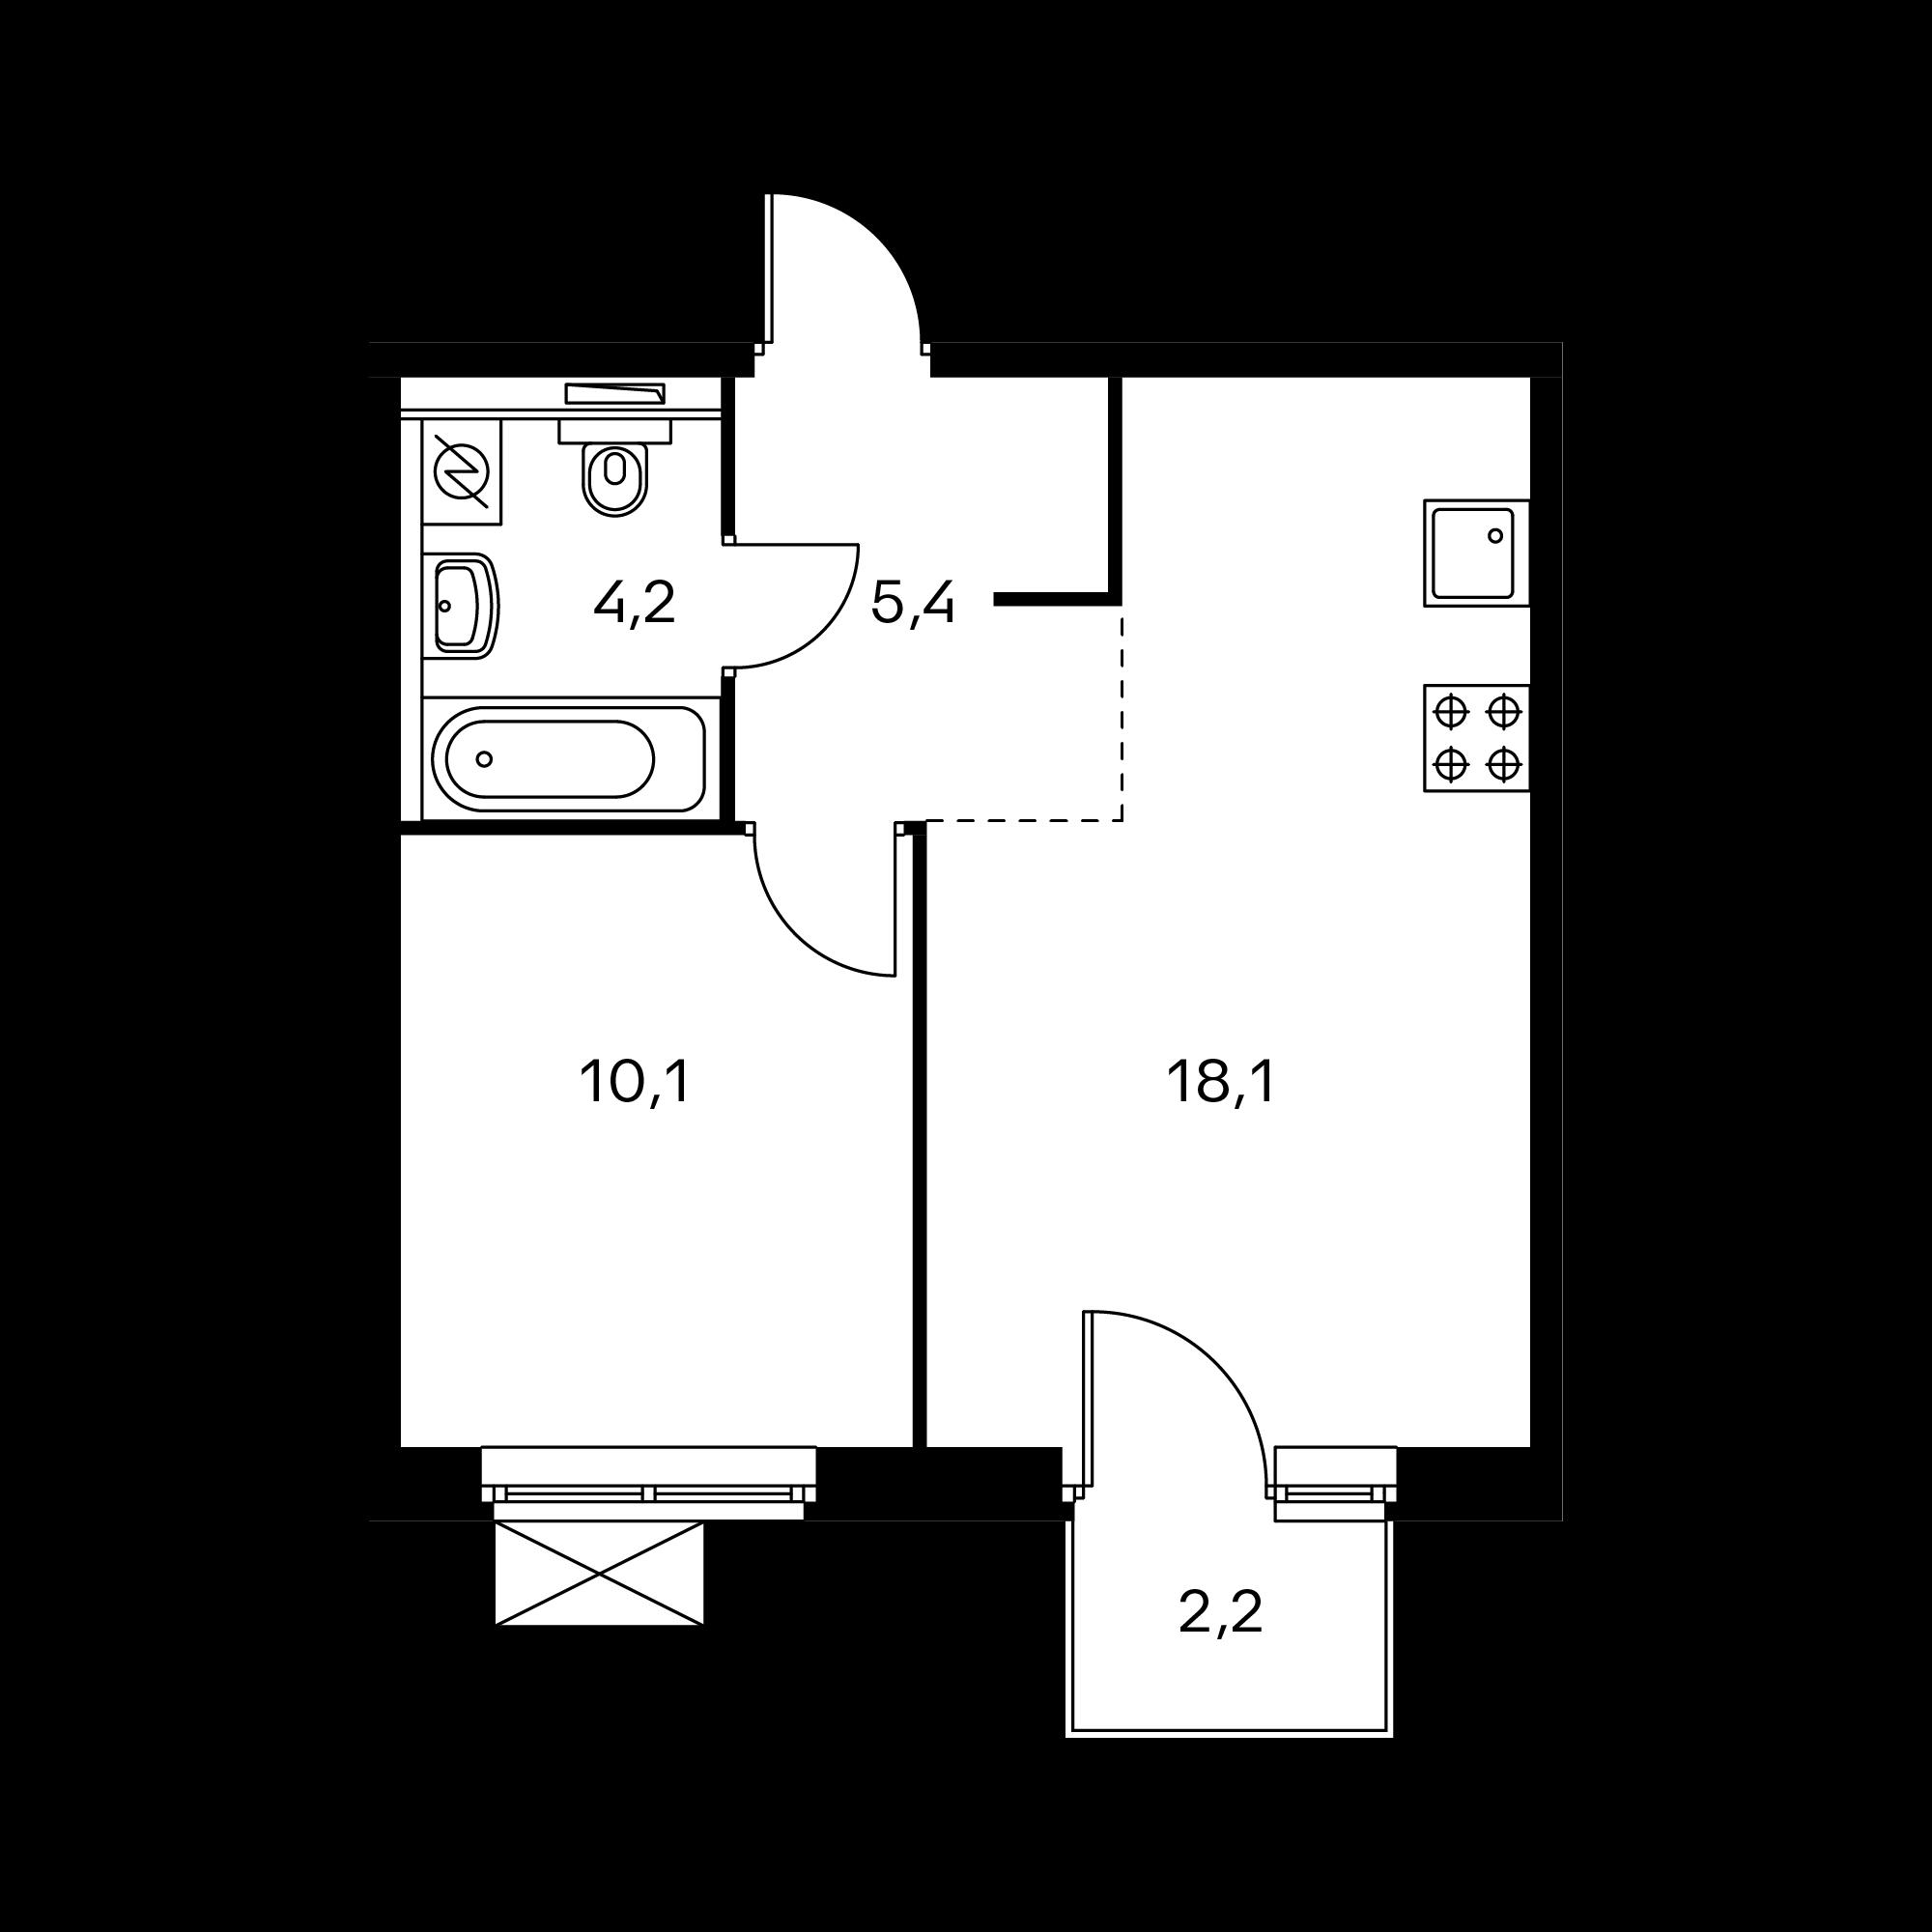 1EM3_6.6-1_B(2,2)